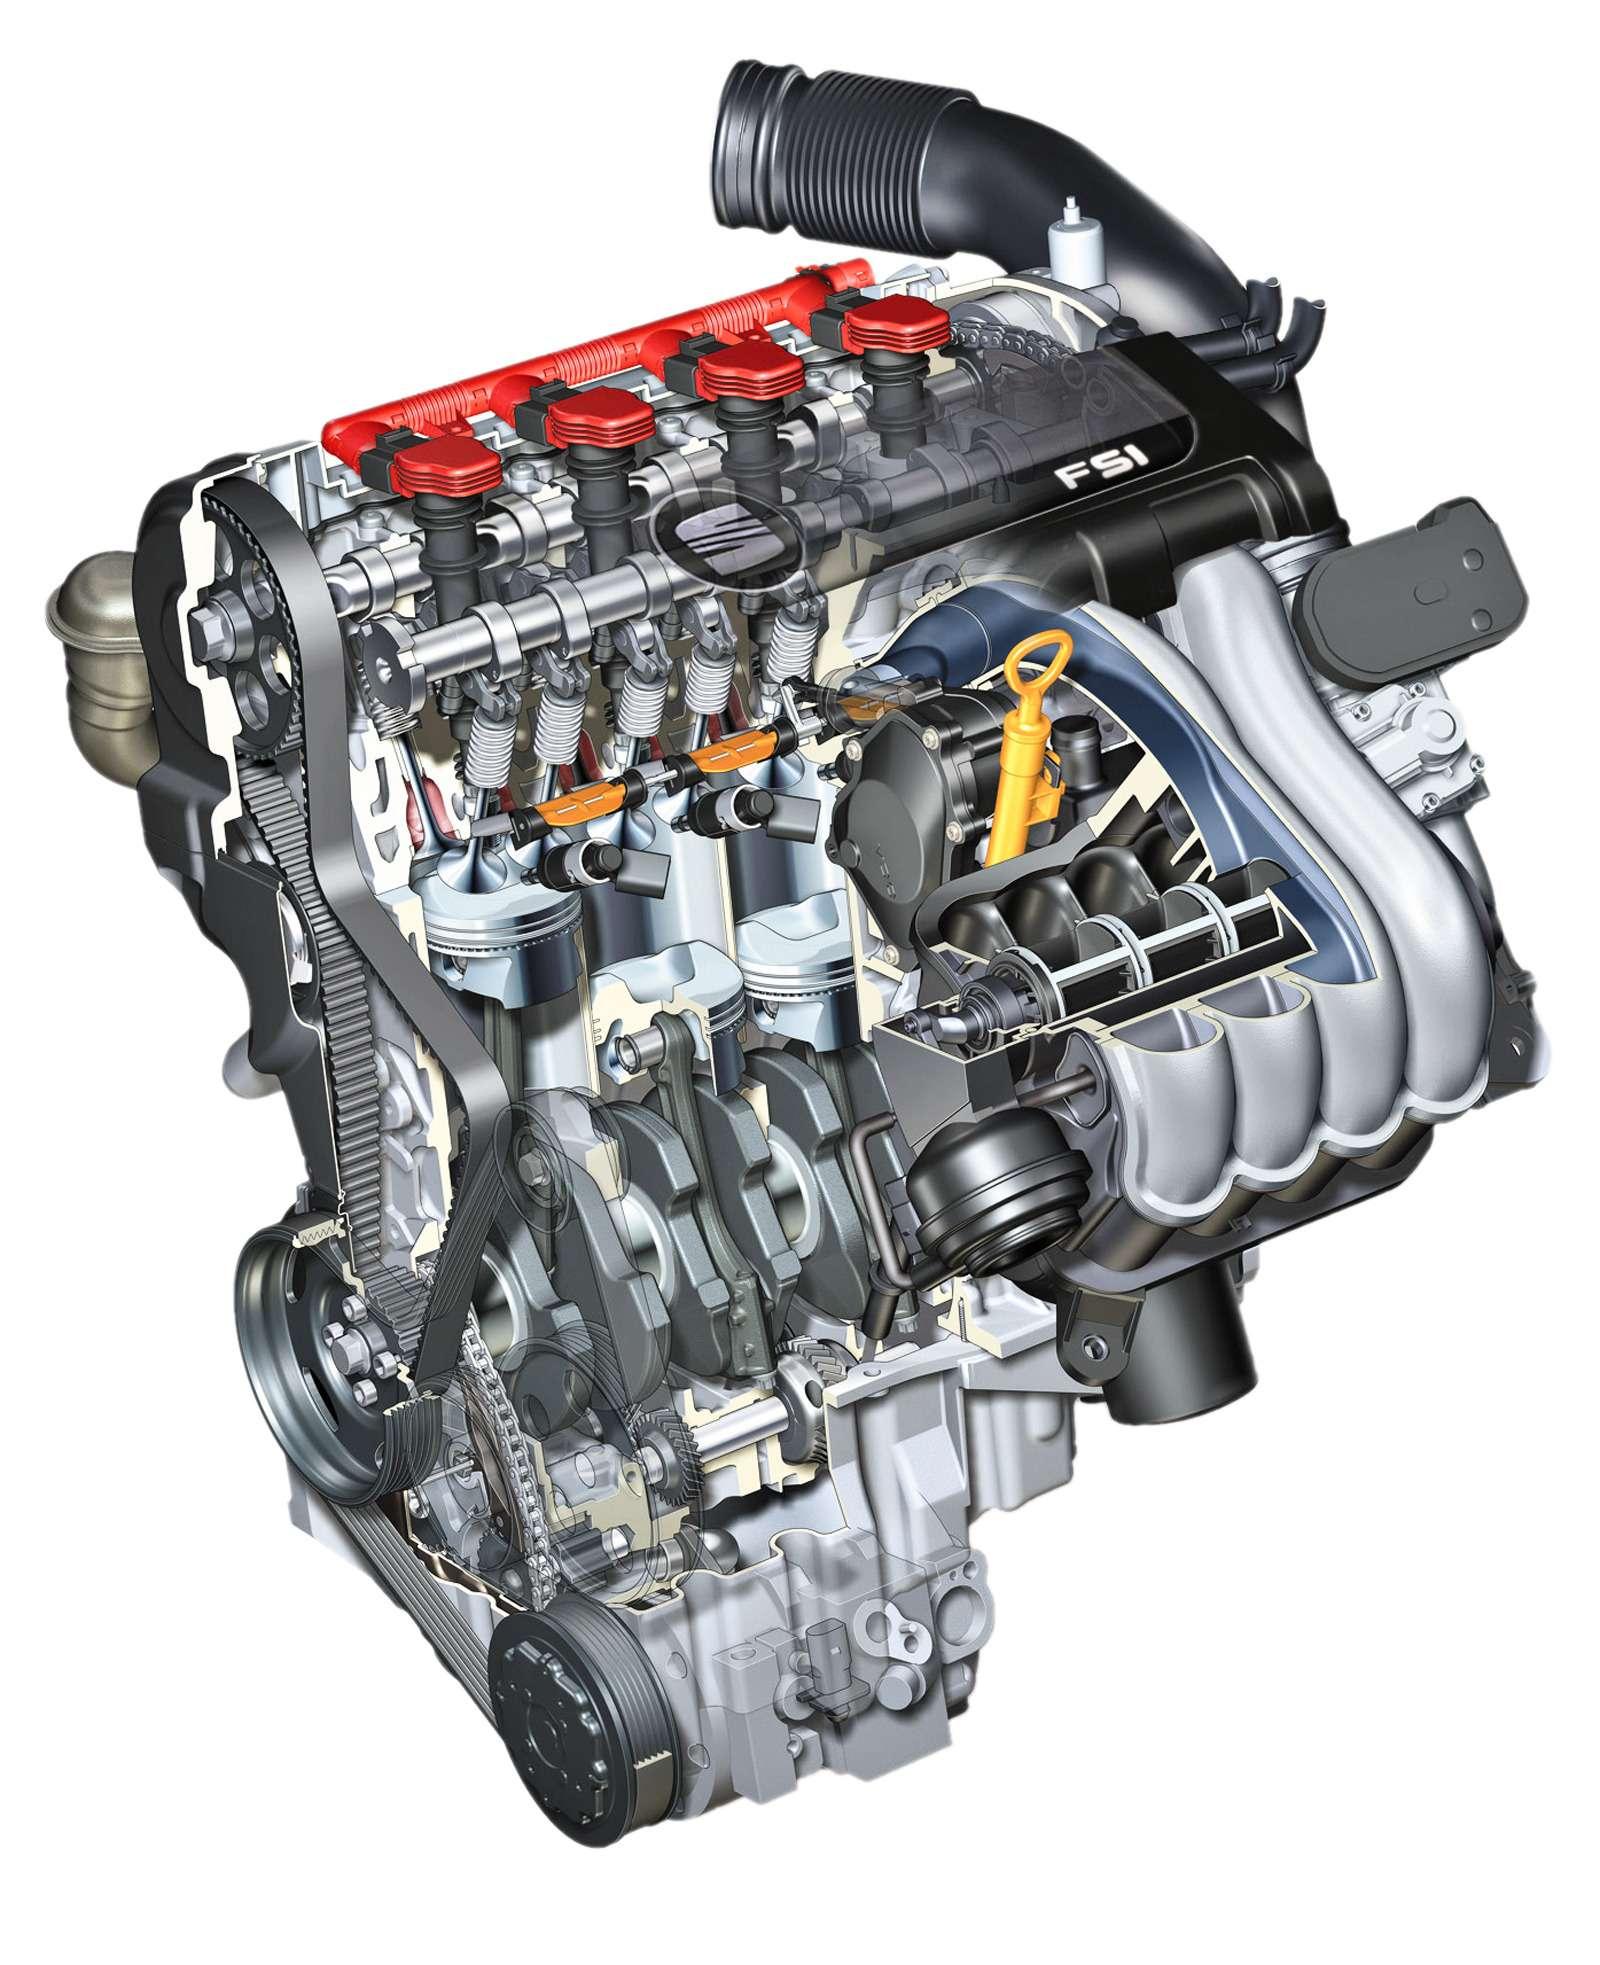 Рейтинг надежности двигателей автомобилей: два литра проблем— фото 590356